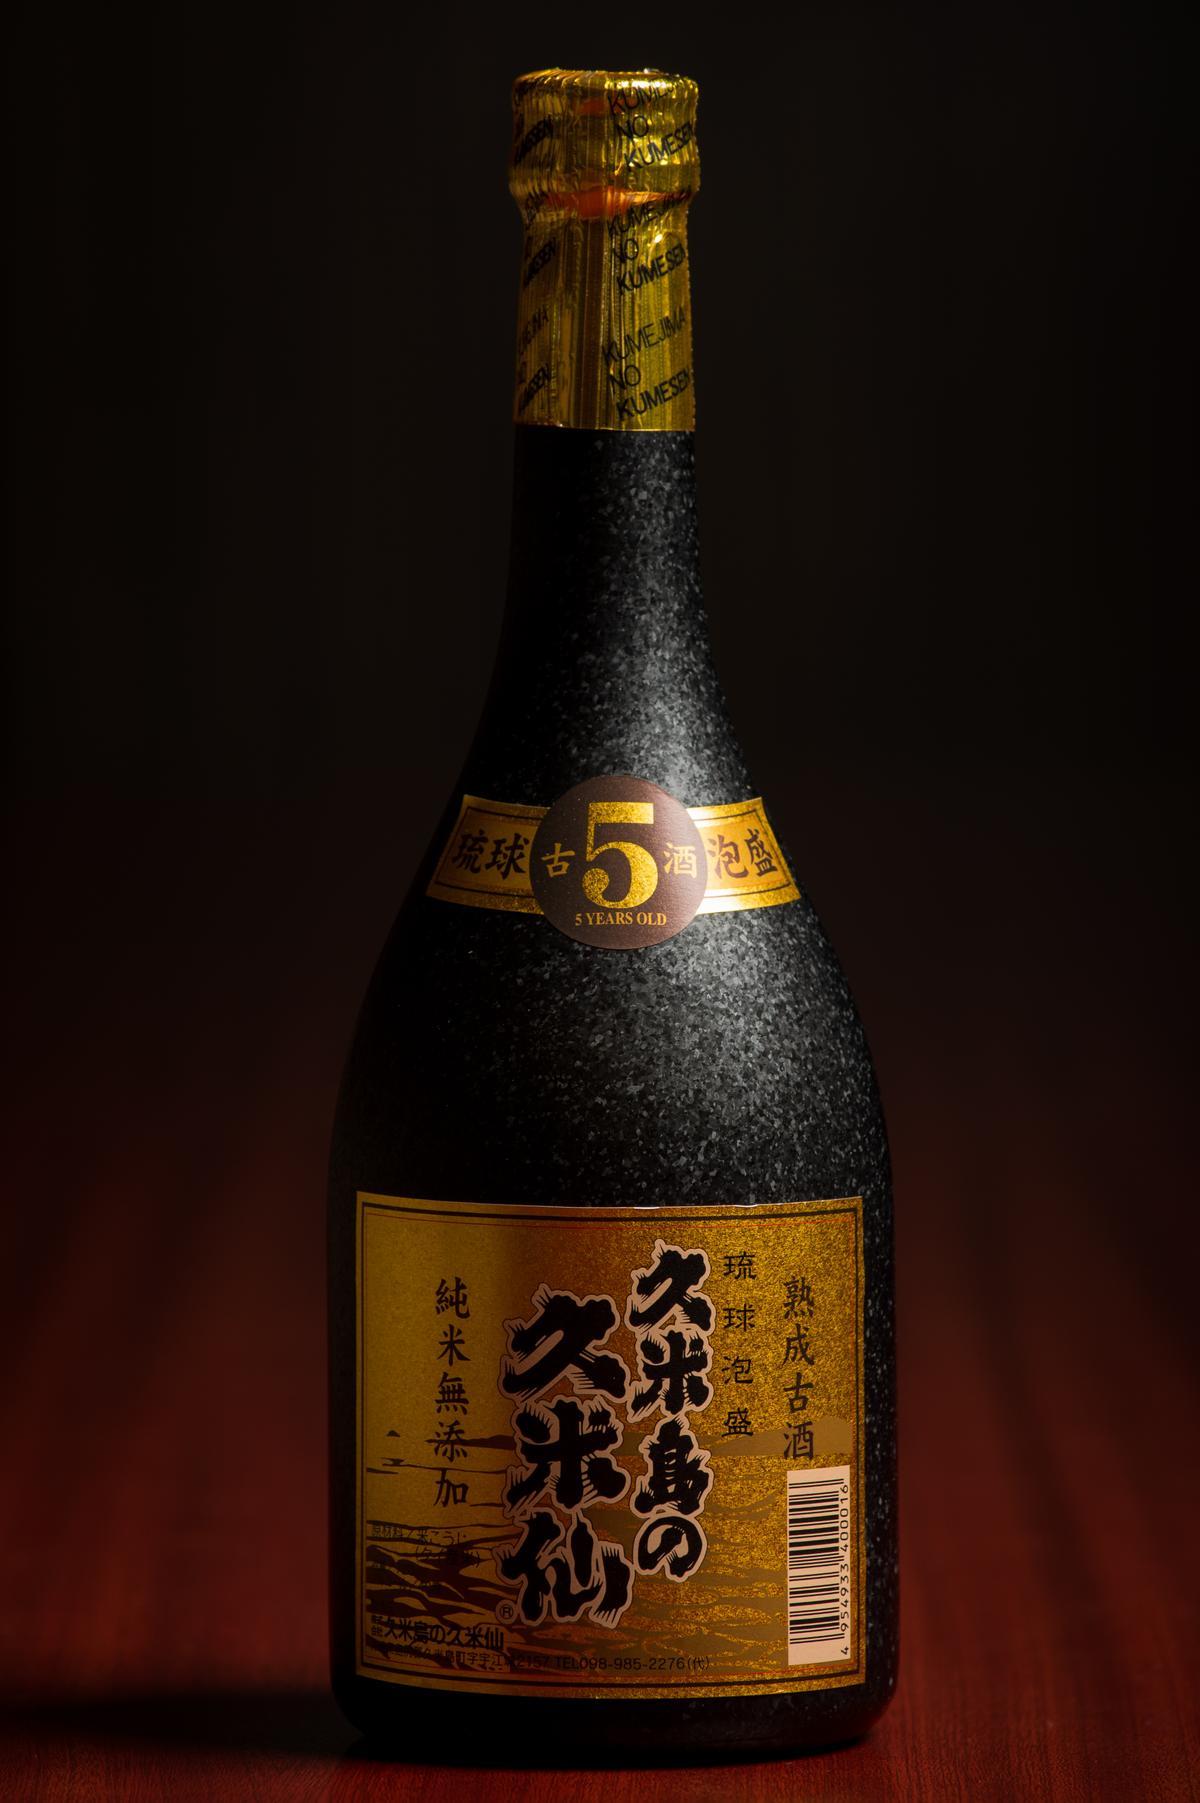 「久米島久米仙BLACK五年古酒」採用離島「久米島」優質泉水釀造,歷經5年熟成,酒精濃度雖達40度,香氣與喉感卻十分圓潤甘甜。(2,100元/瓶)